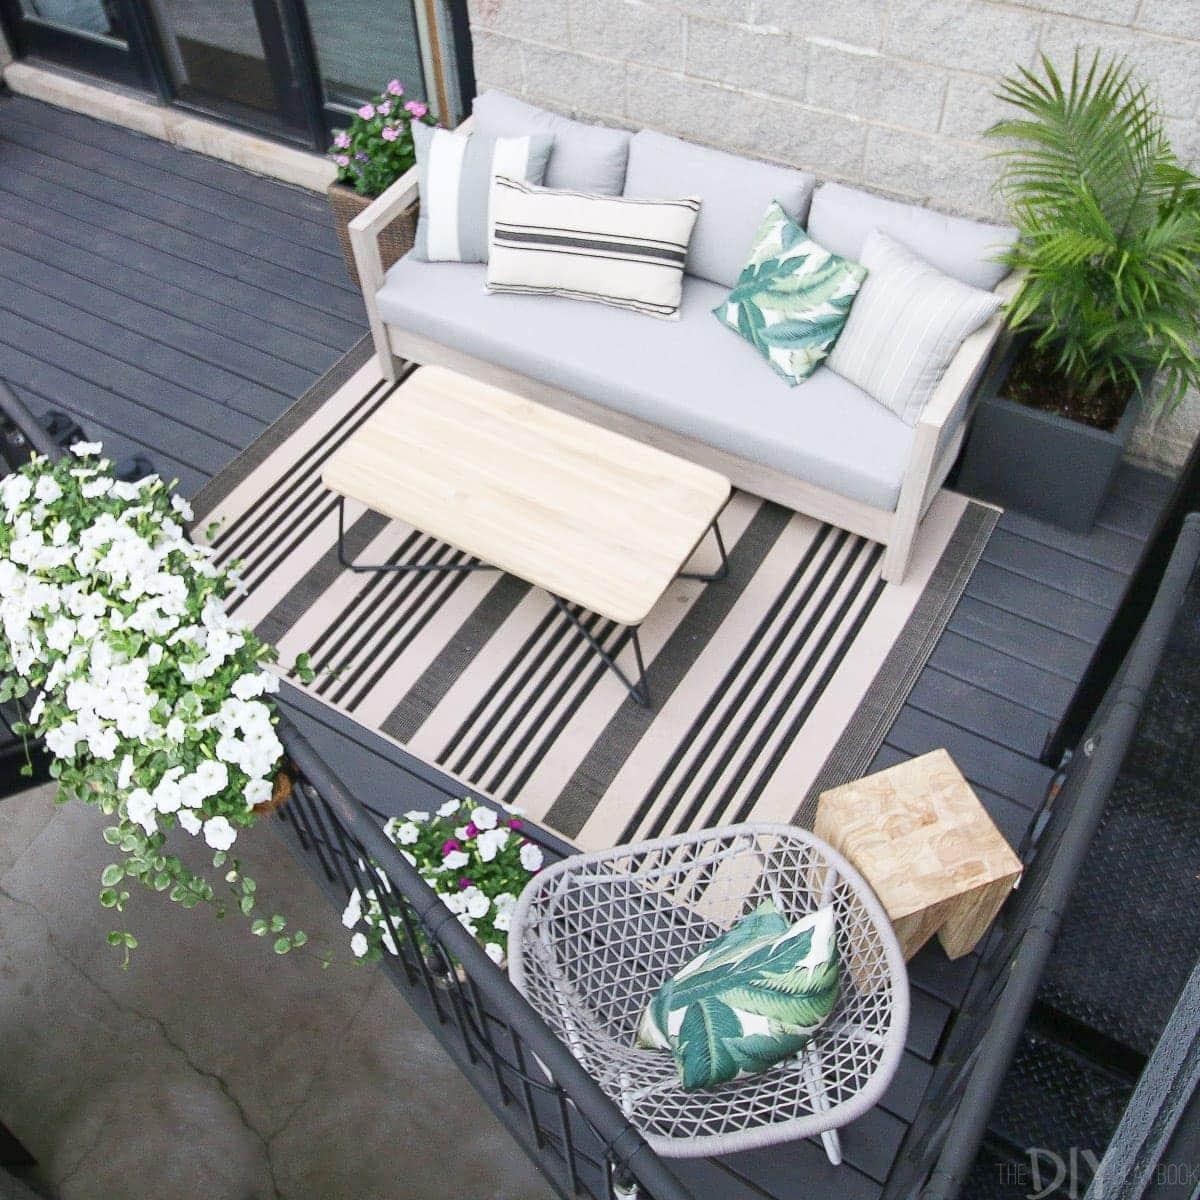 Condo DIY project, maximizing balcony space